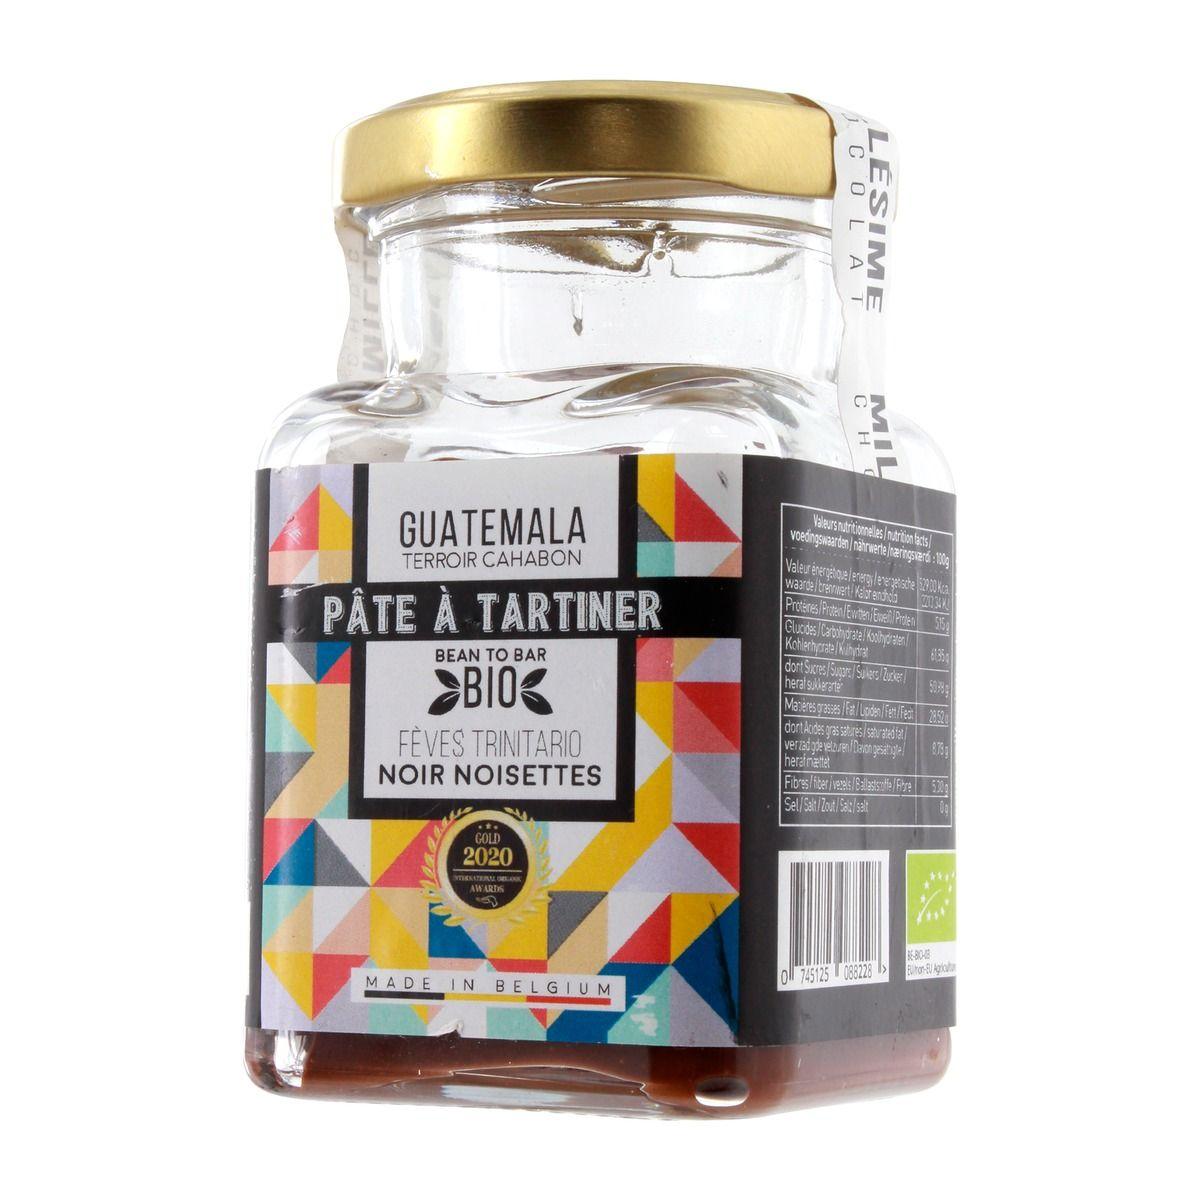 Pâte à tartiner Noisettes du Piémont et chocolat noir Guatemala 150g - Millésime